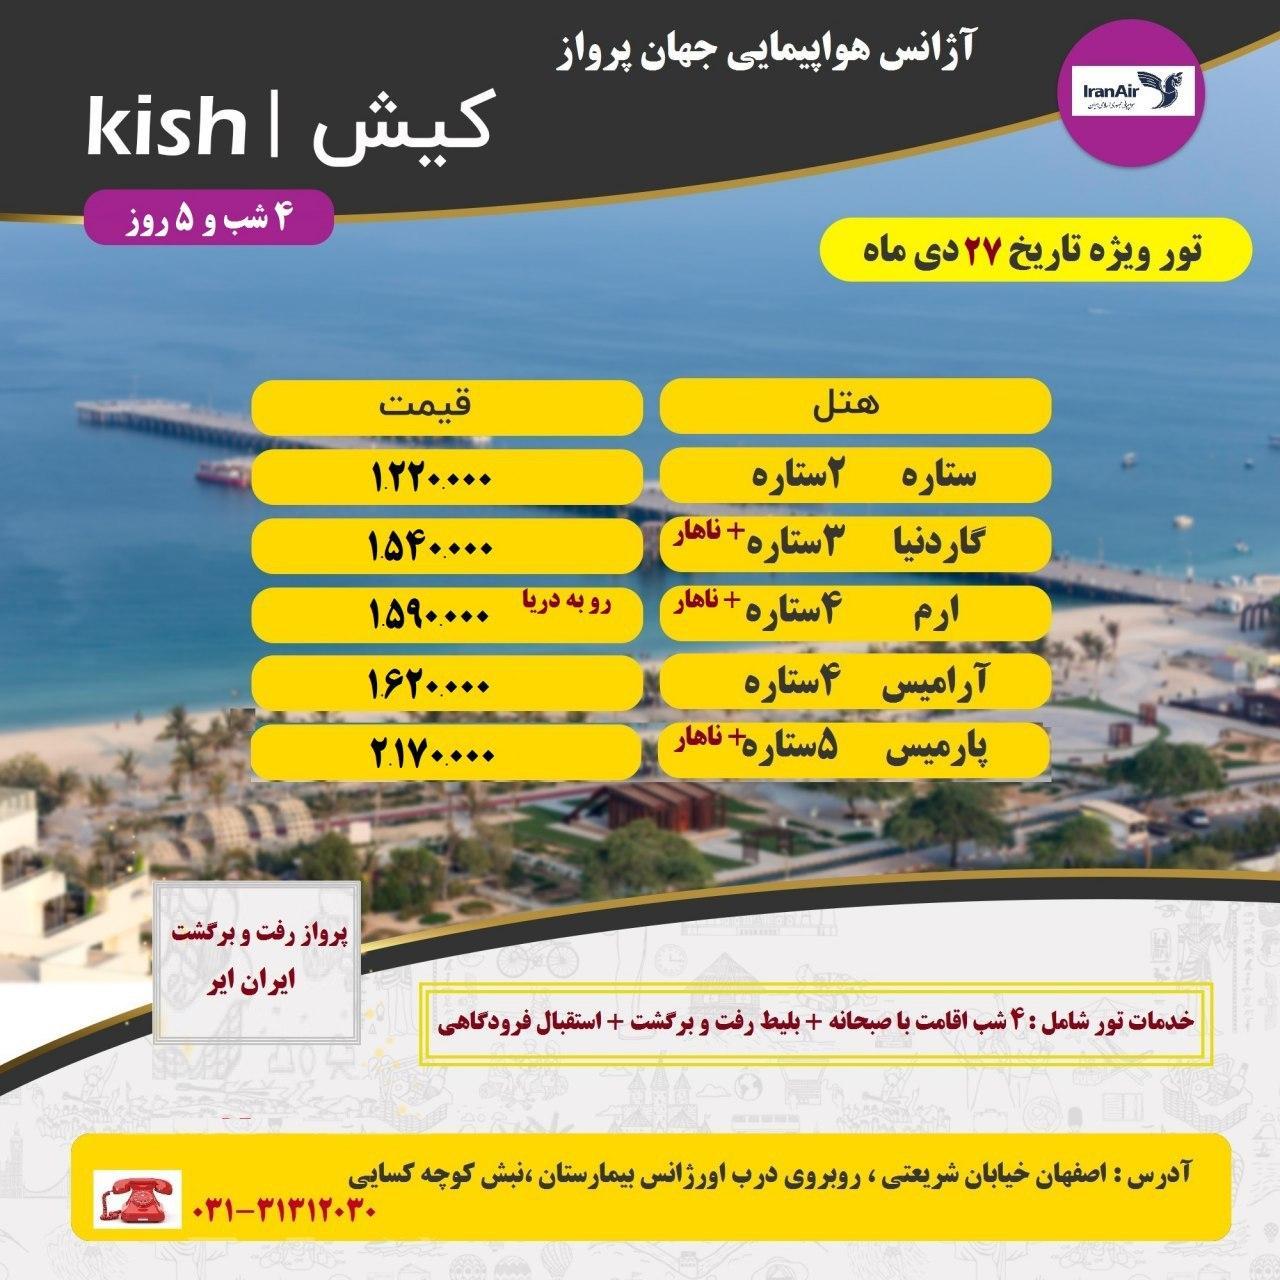 تور ویژه کیش از اصفهان -27 دی 98-جهان پرواز آسان